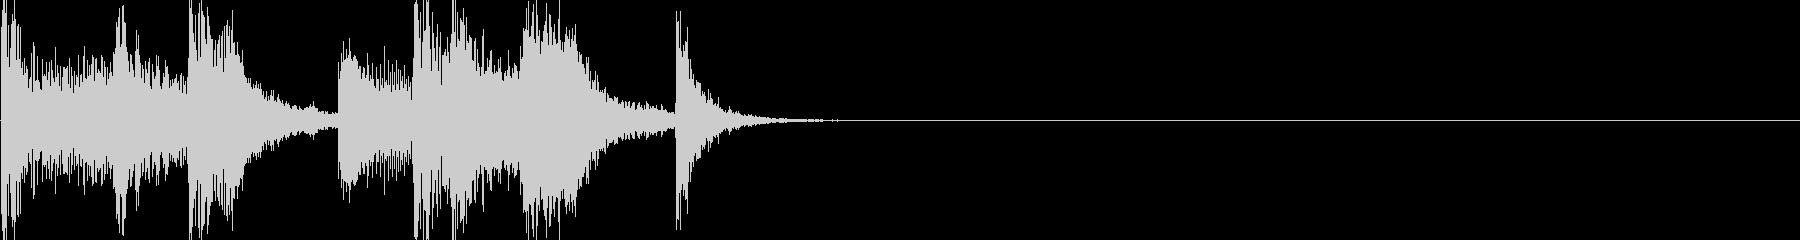 ちゃきちゃきジングルの未再生の波形